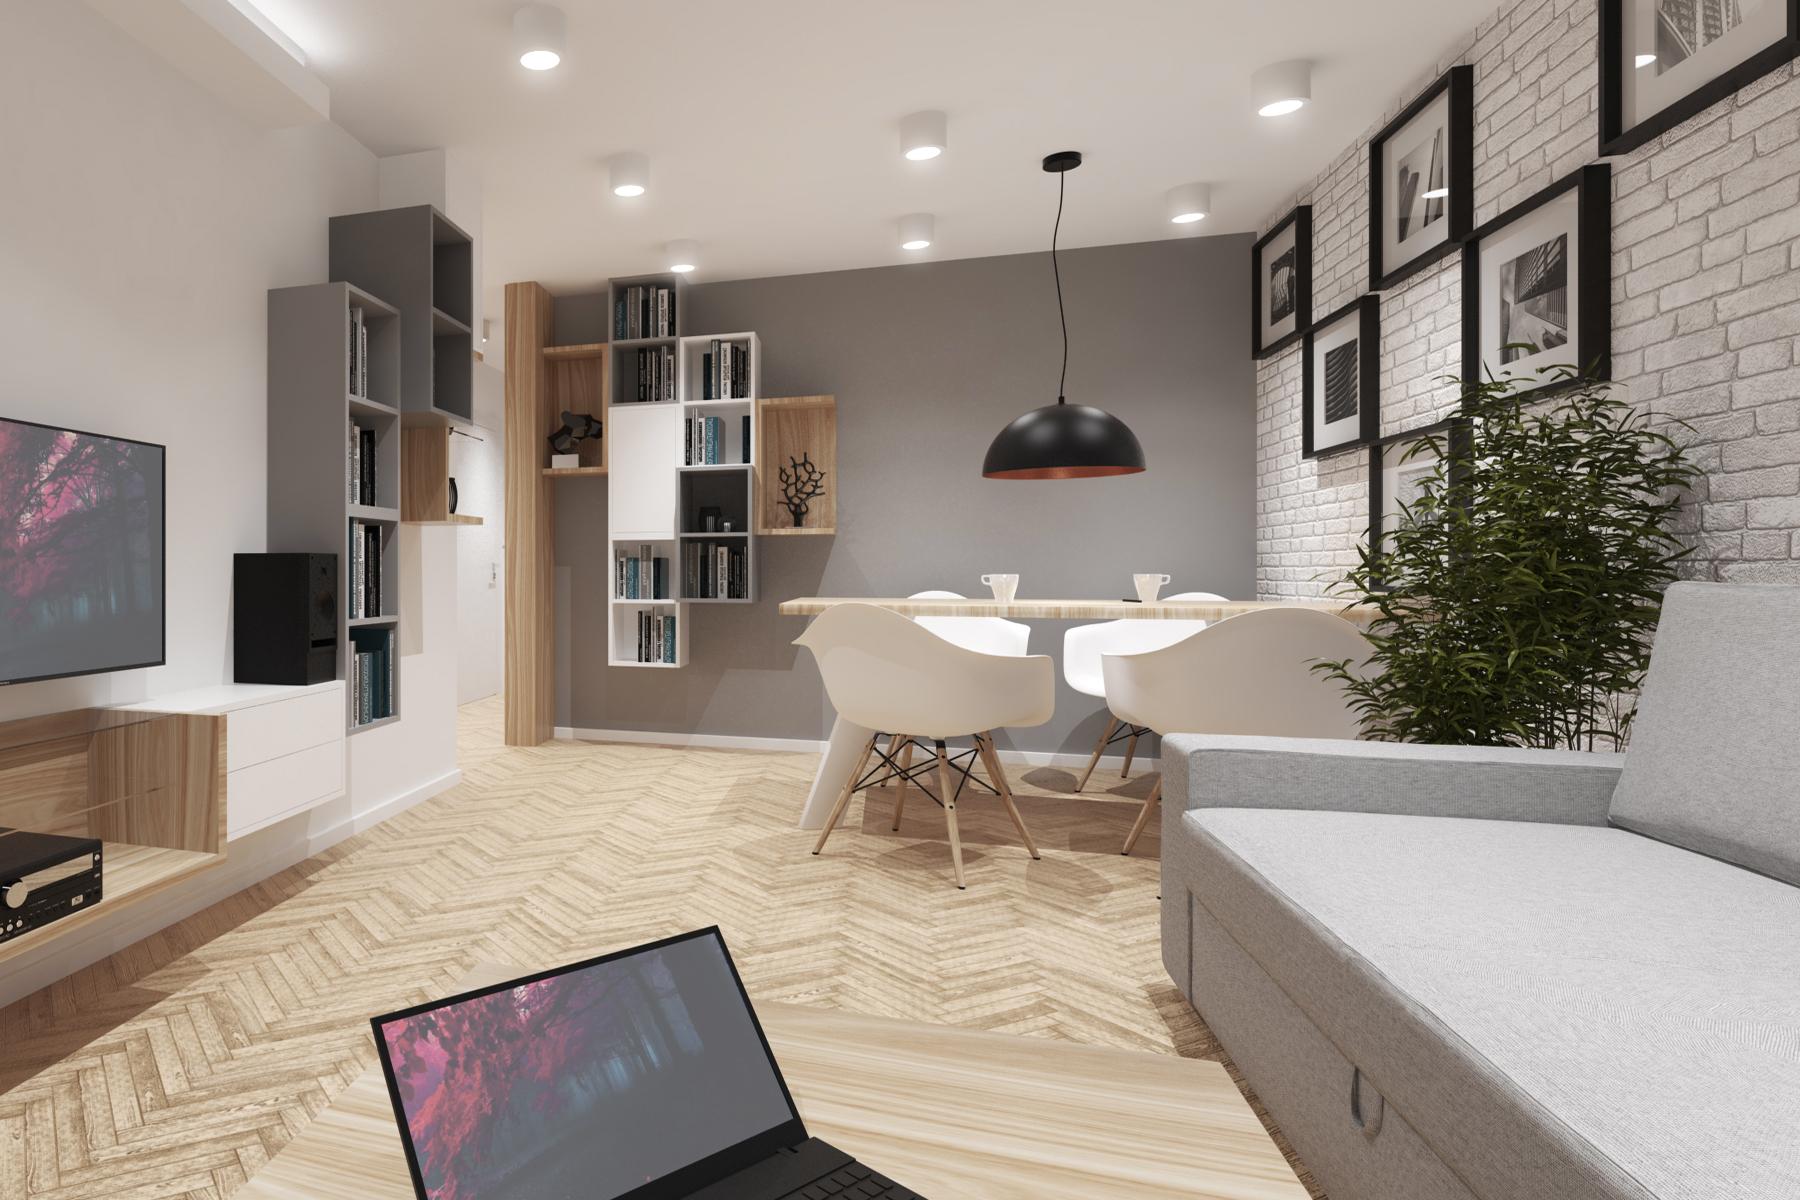 Projekty wnętrz - salon z jadalnią.